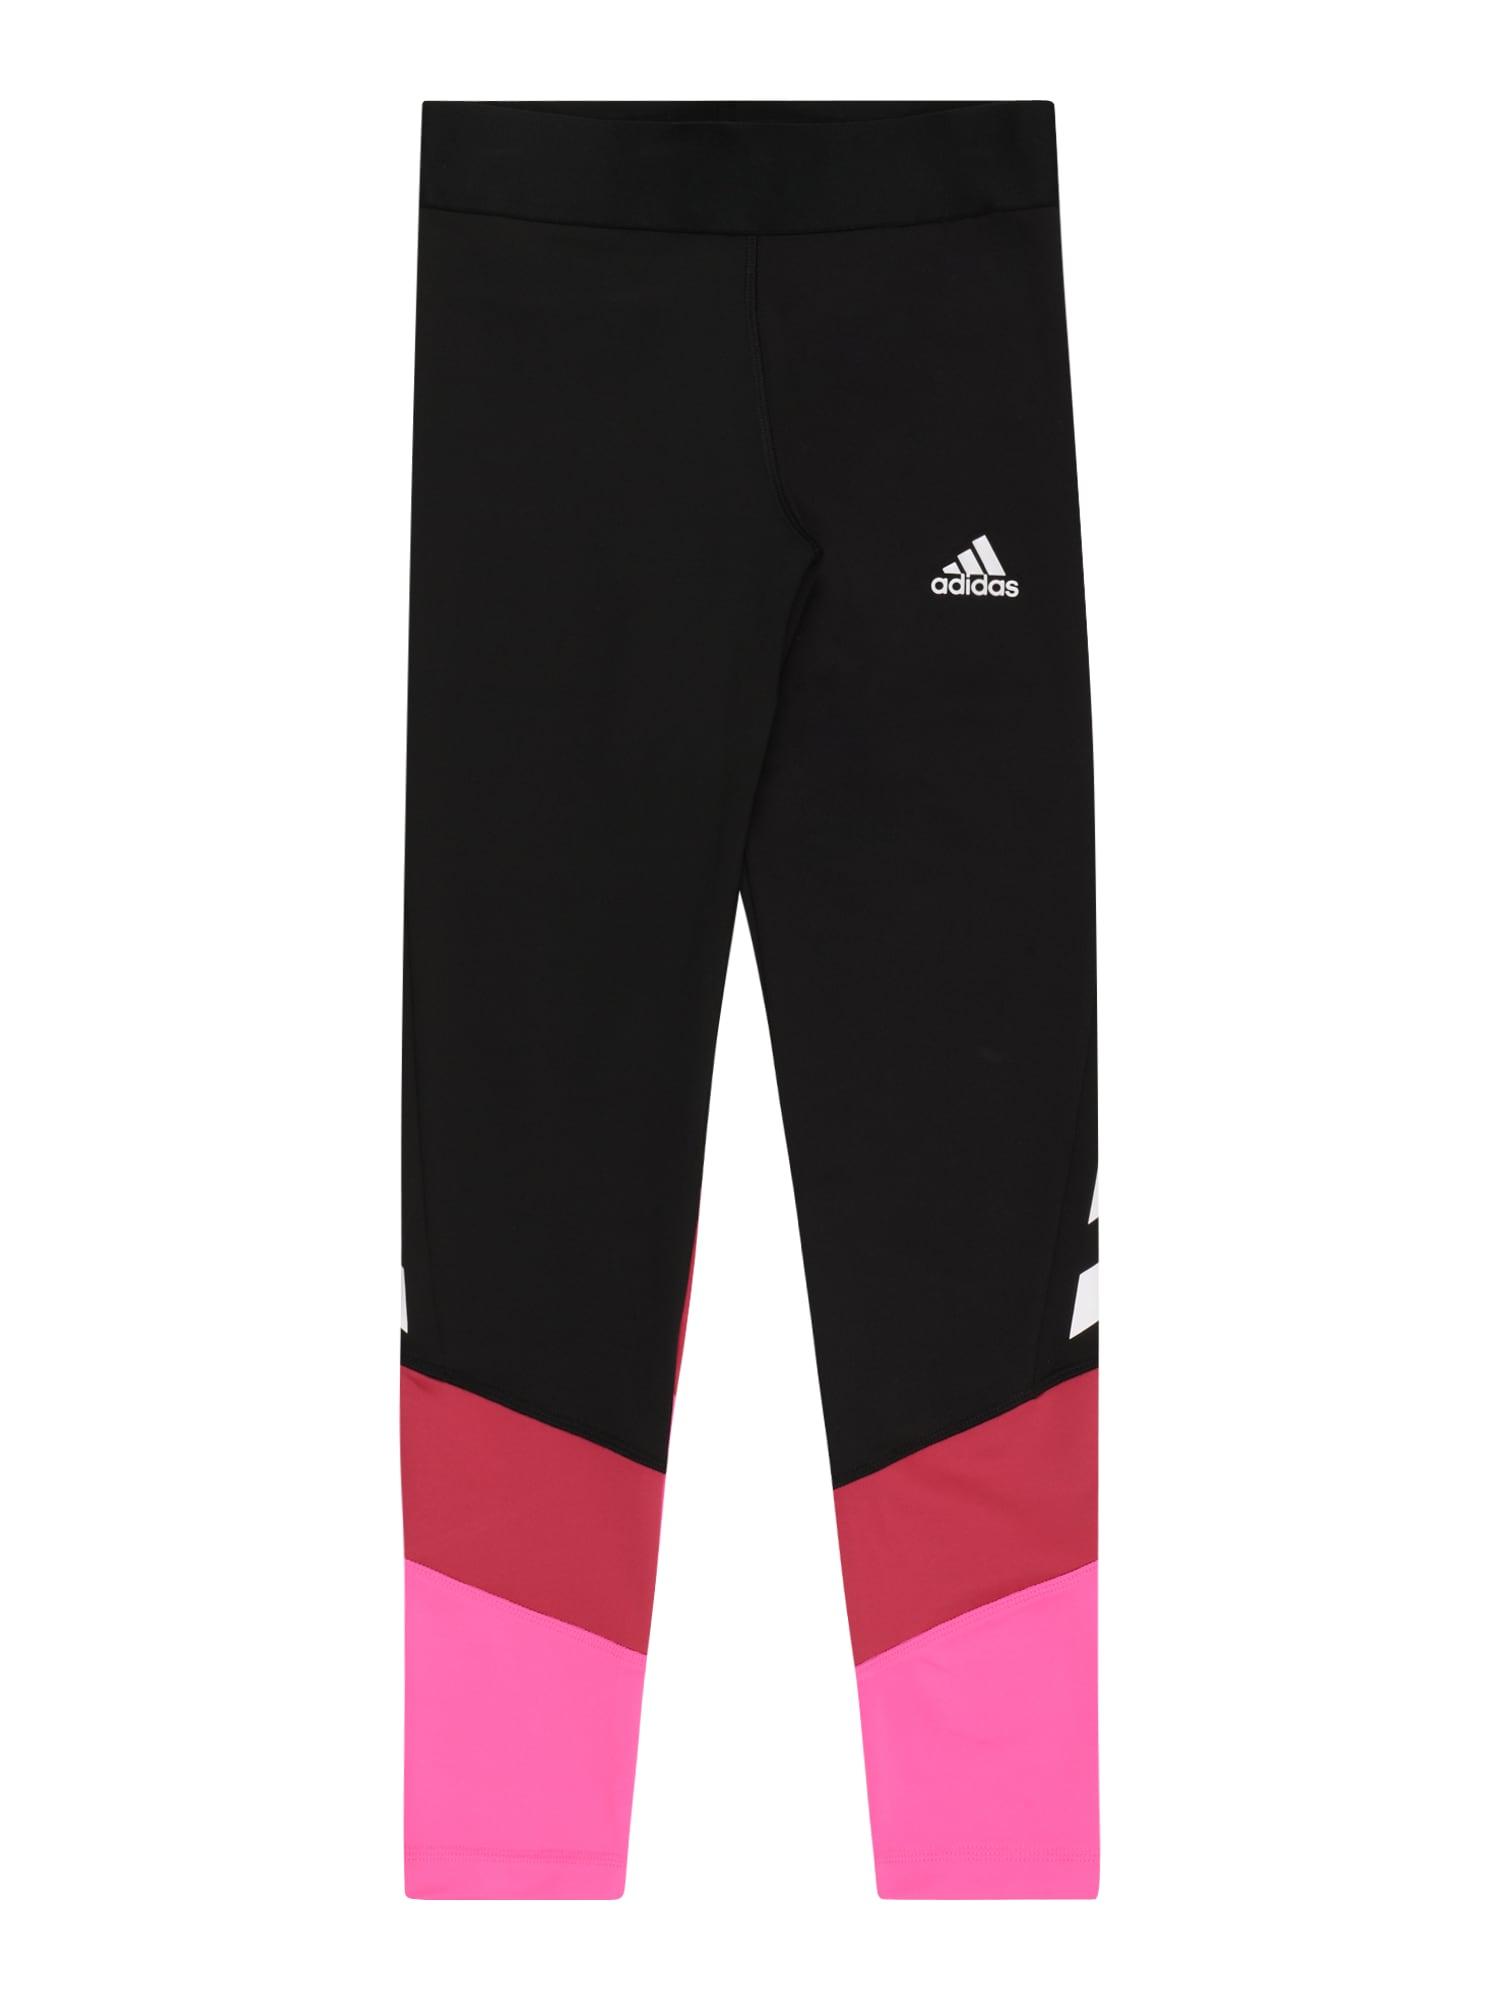 ADIDAS PERFORMANCE Sportinės kelnės juoda / granatų spalva / neoninė rožinė / balta